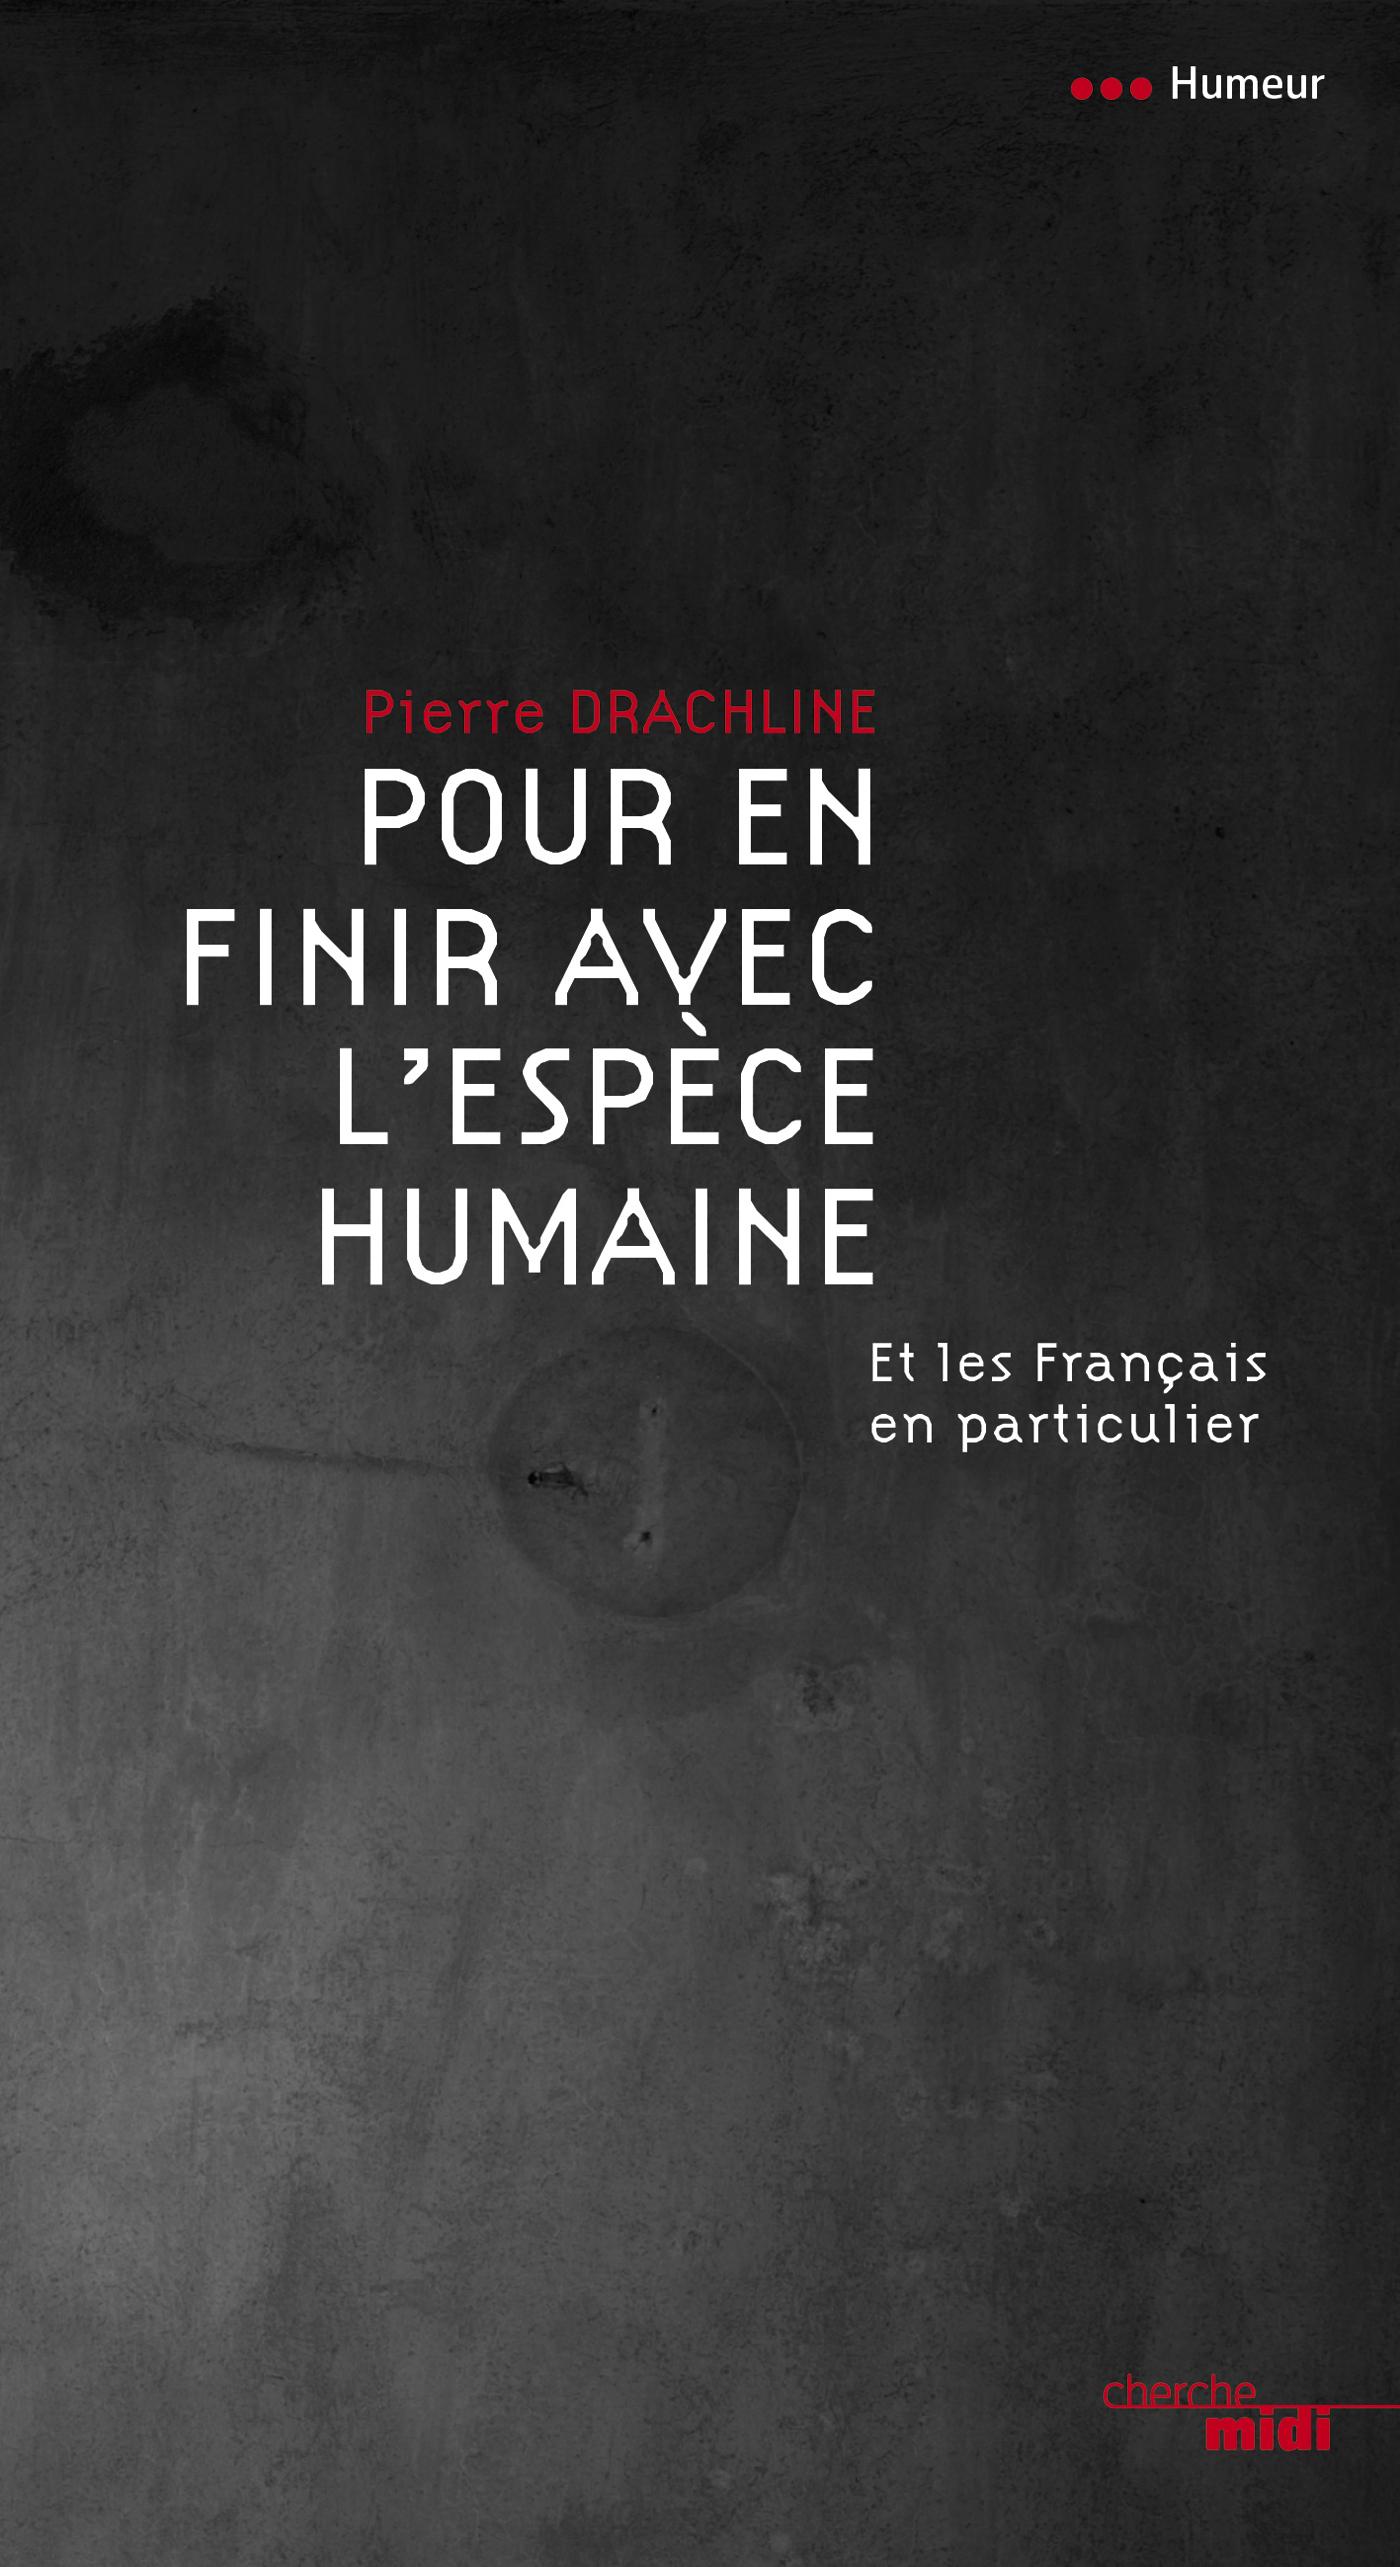 Pour en finir avec l'espèce humaine (ebook)